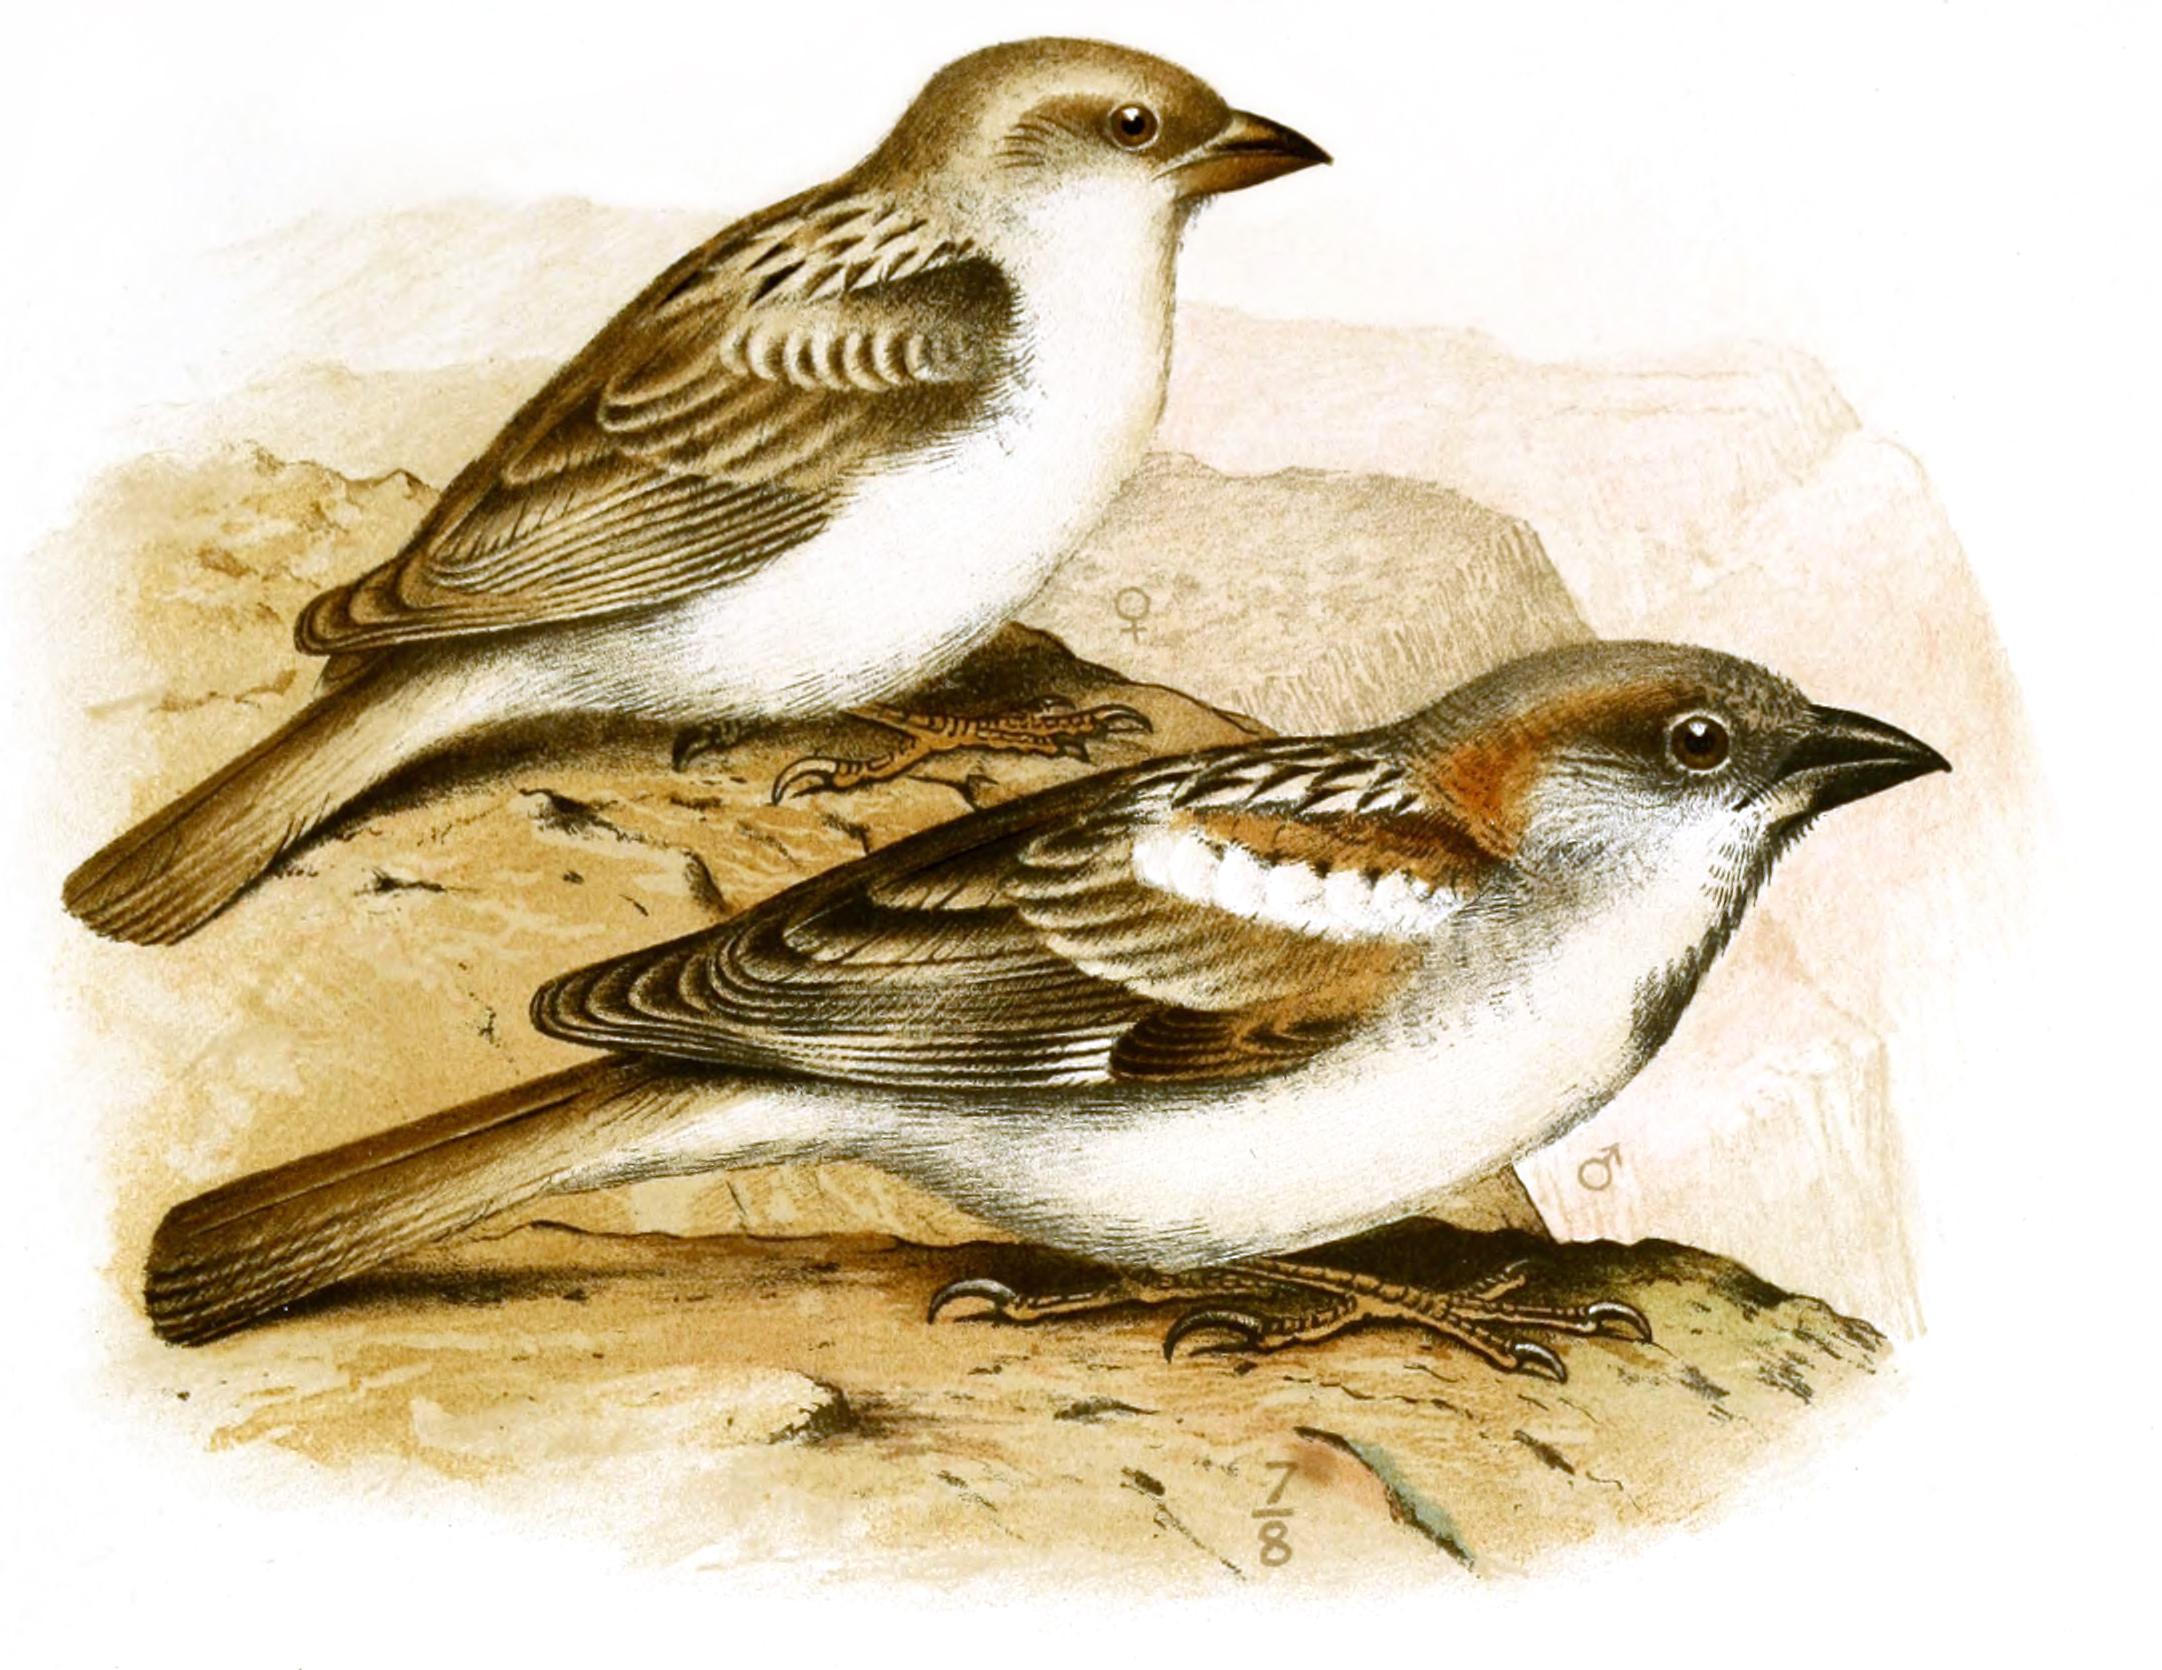 Abd al-Kuri Sparrow wallpaper